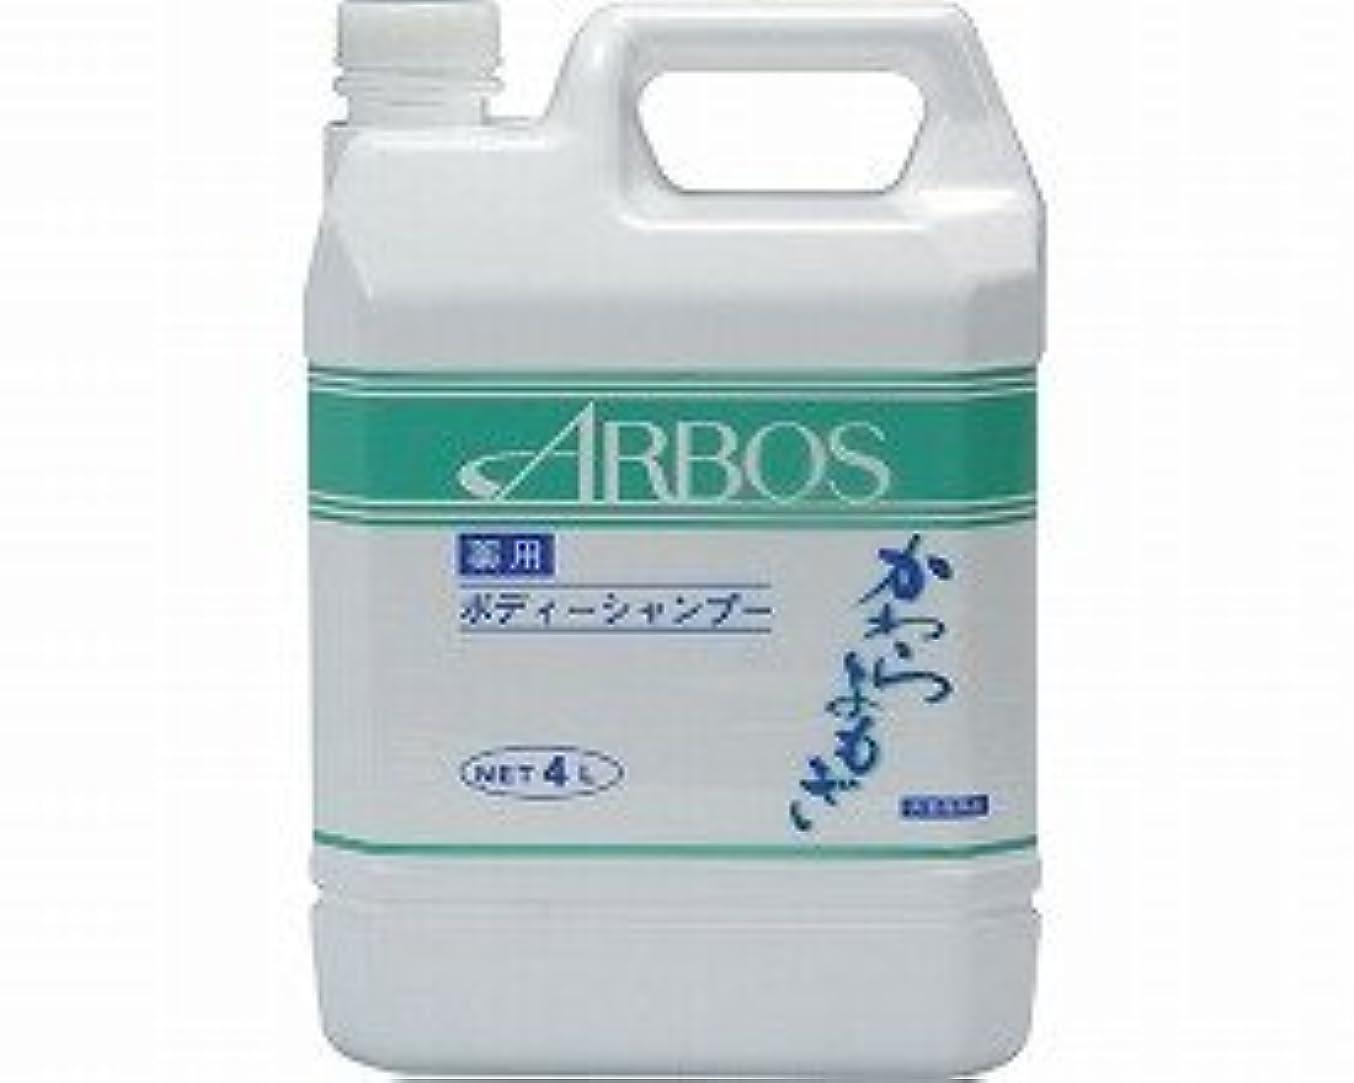 サンドイッチ弾性完璧な弱酸性薬用ボディソープ かわらよもぎ 4L 1ケース(4本入) (アルボース) (清拭小物)